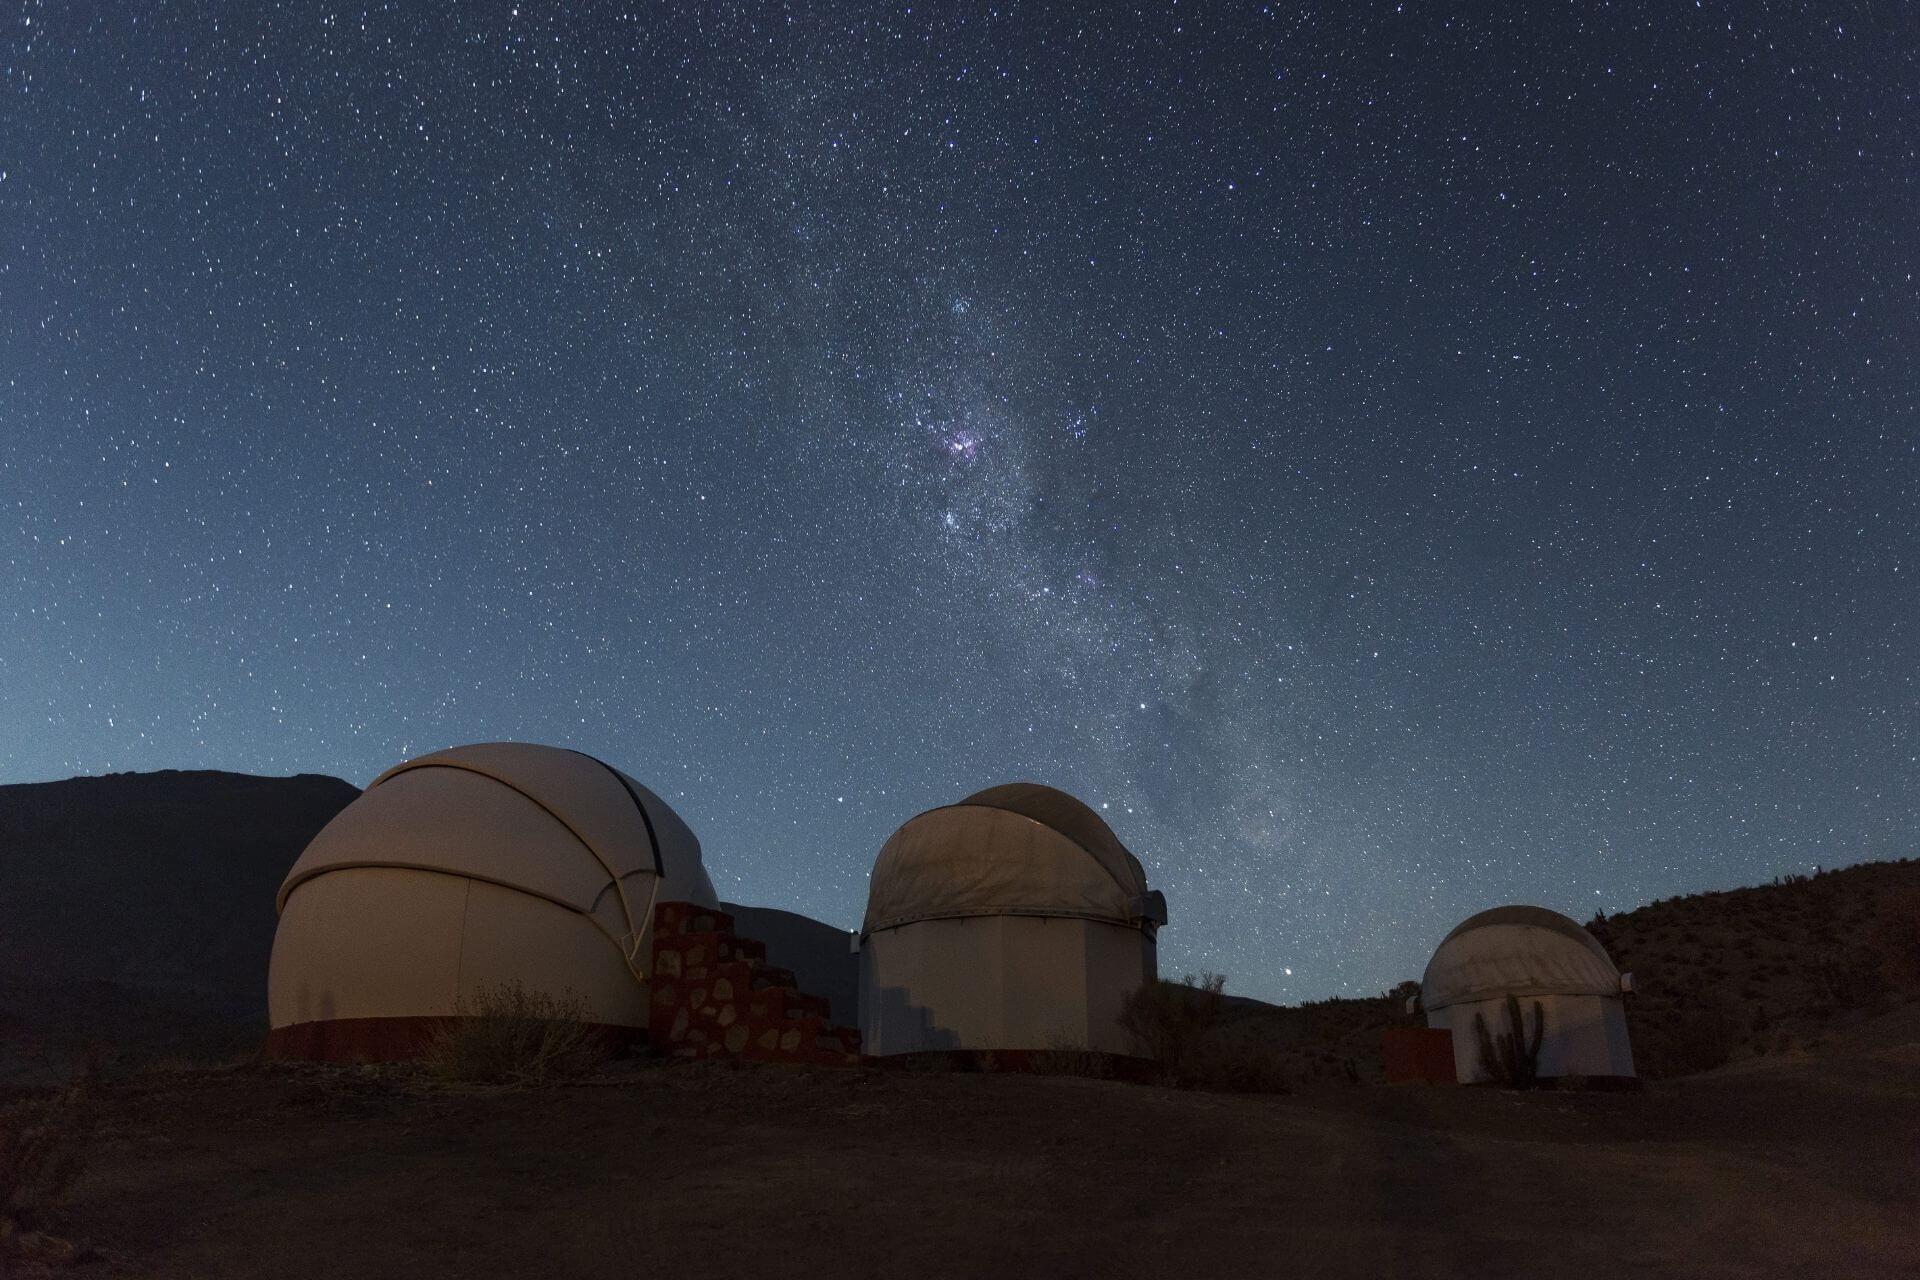 Astroturismo en Chile: Uno de los cielos más despejados del mundo.